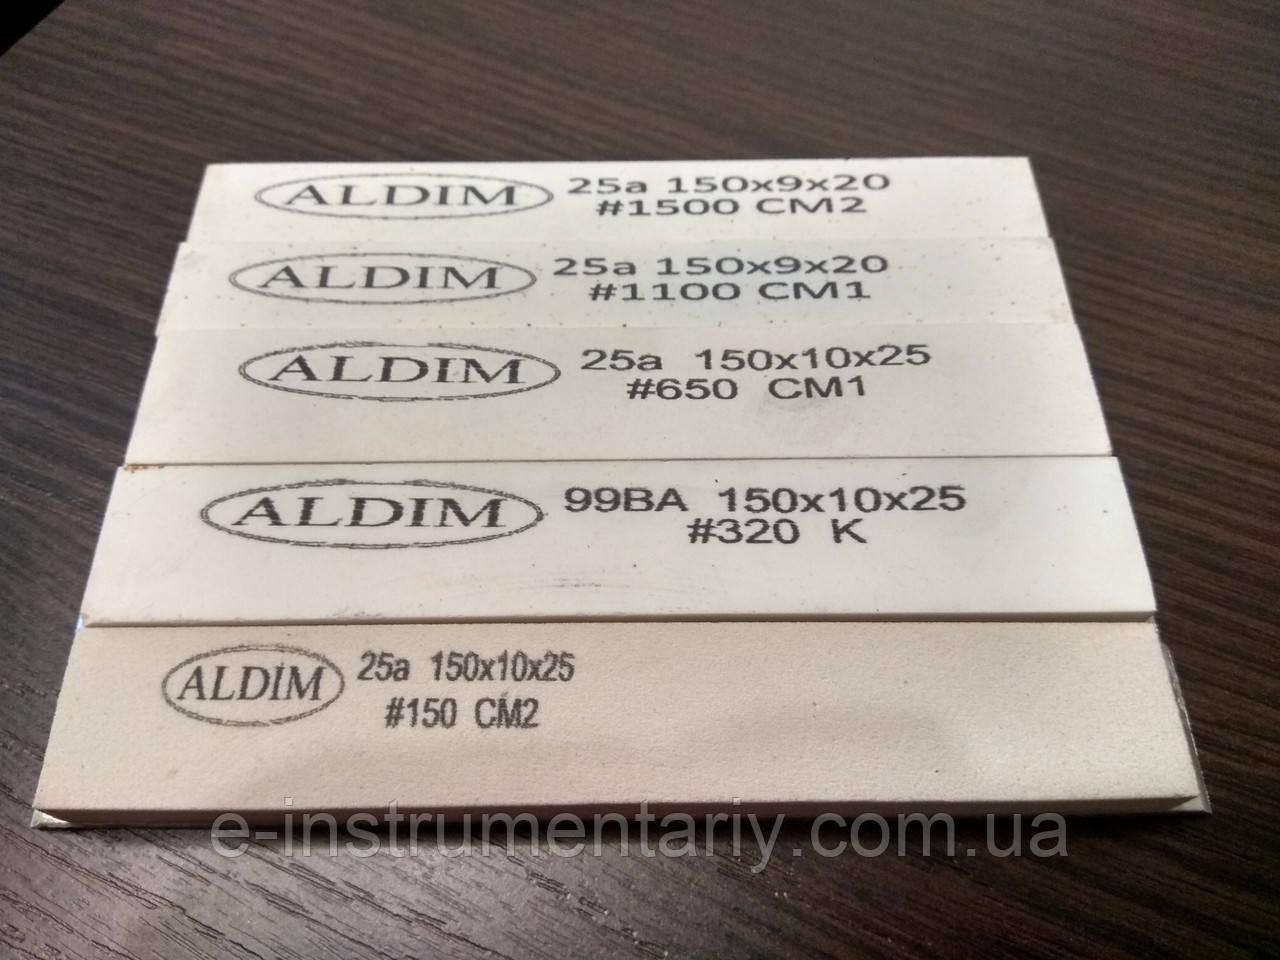 1 Набор брусков на бланке ALDIM 150х25х10 - 5 шт.